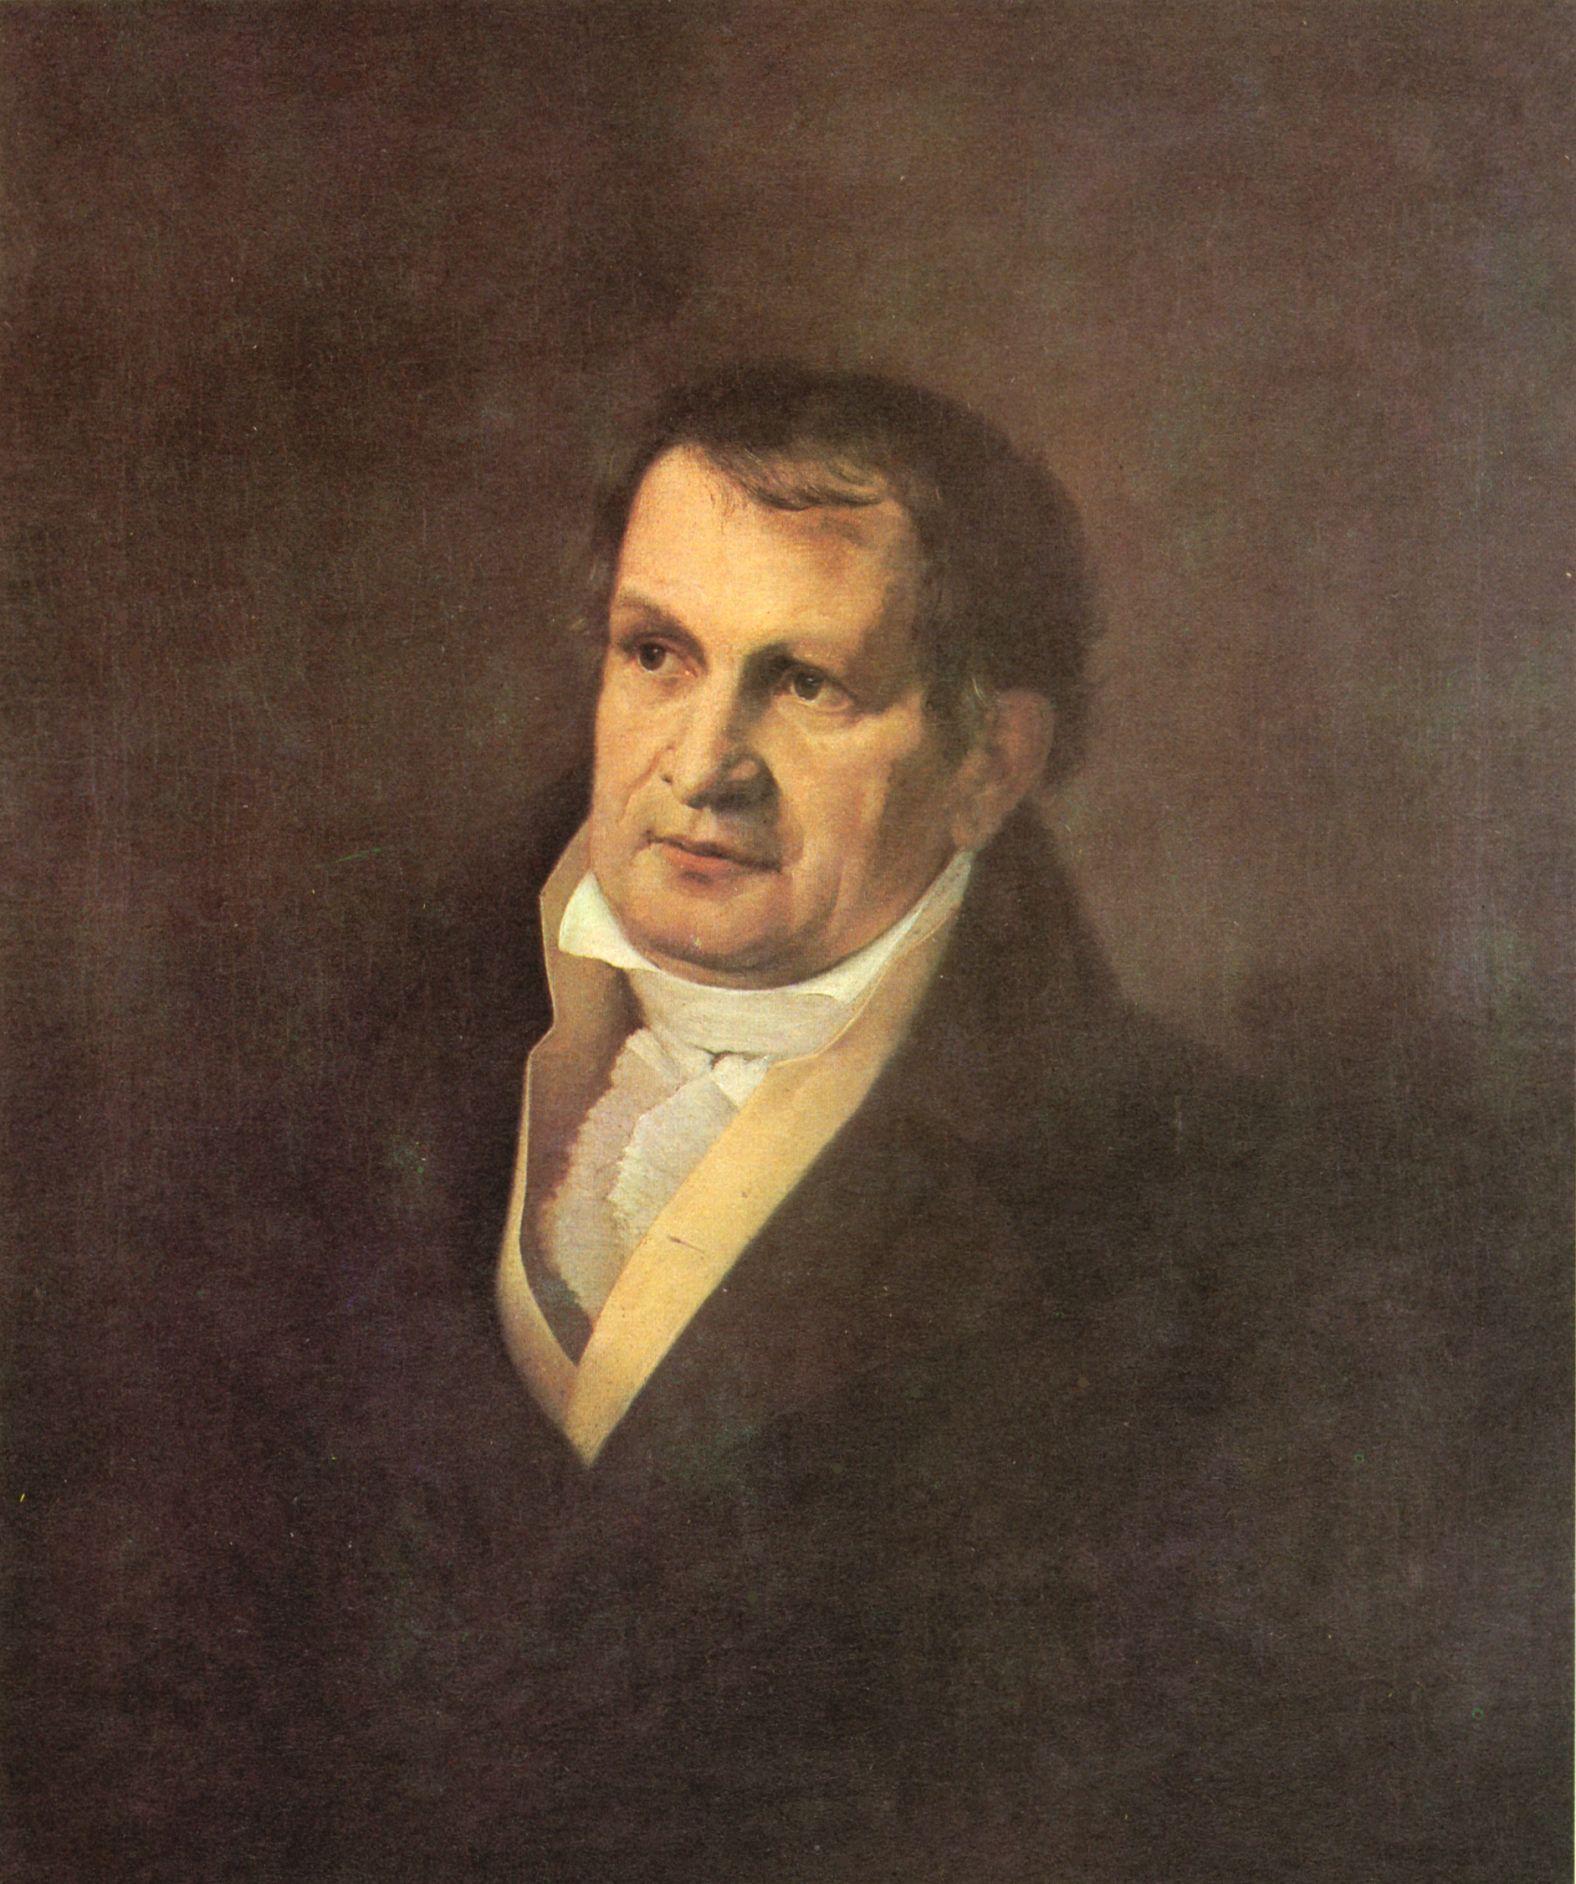 Ludwig Tieck tieck 1773 1853